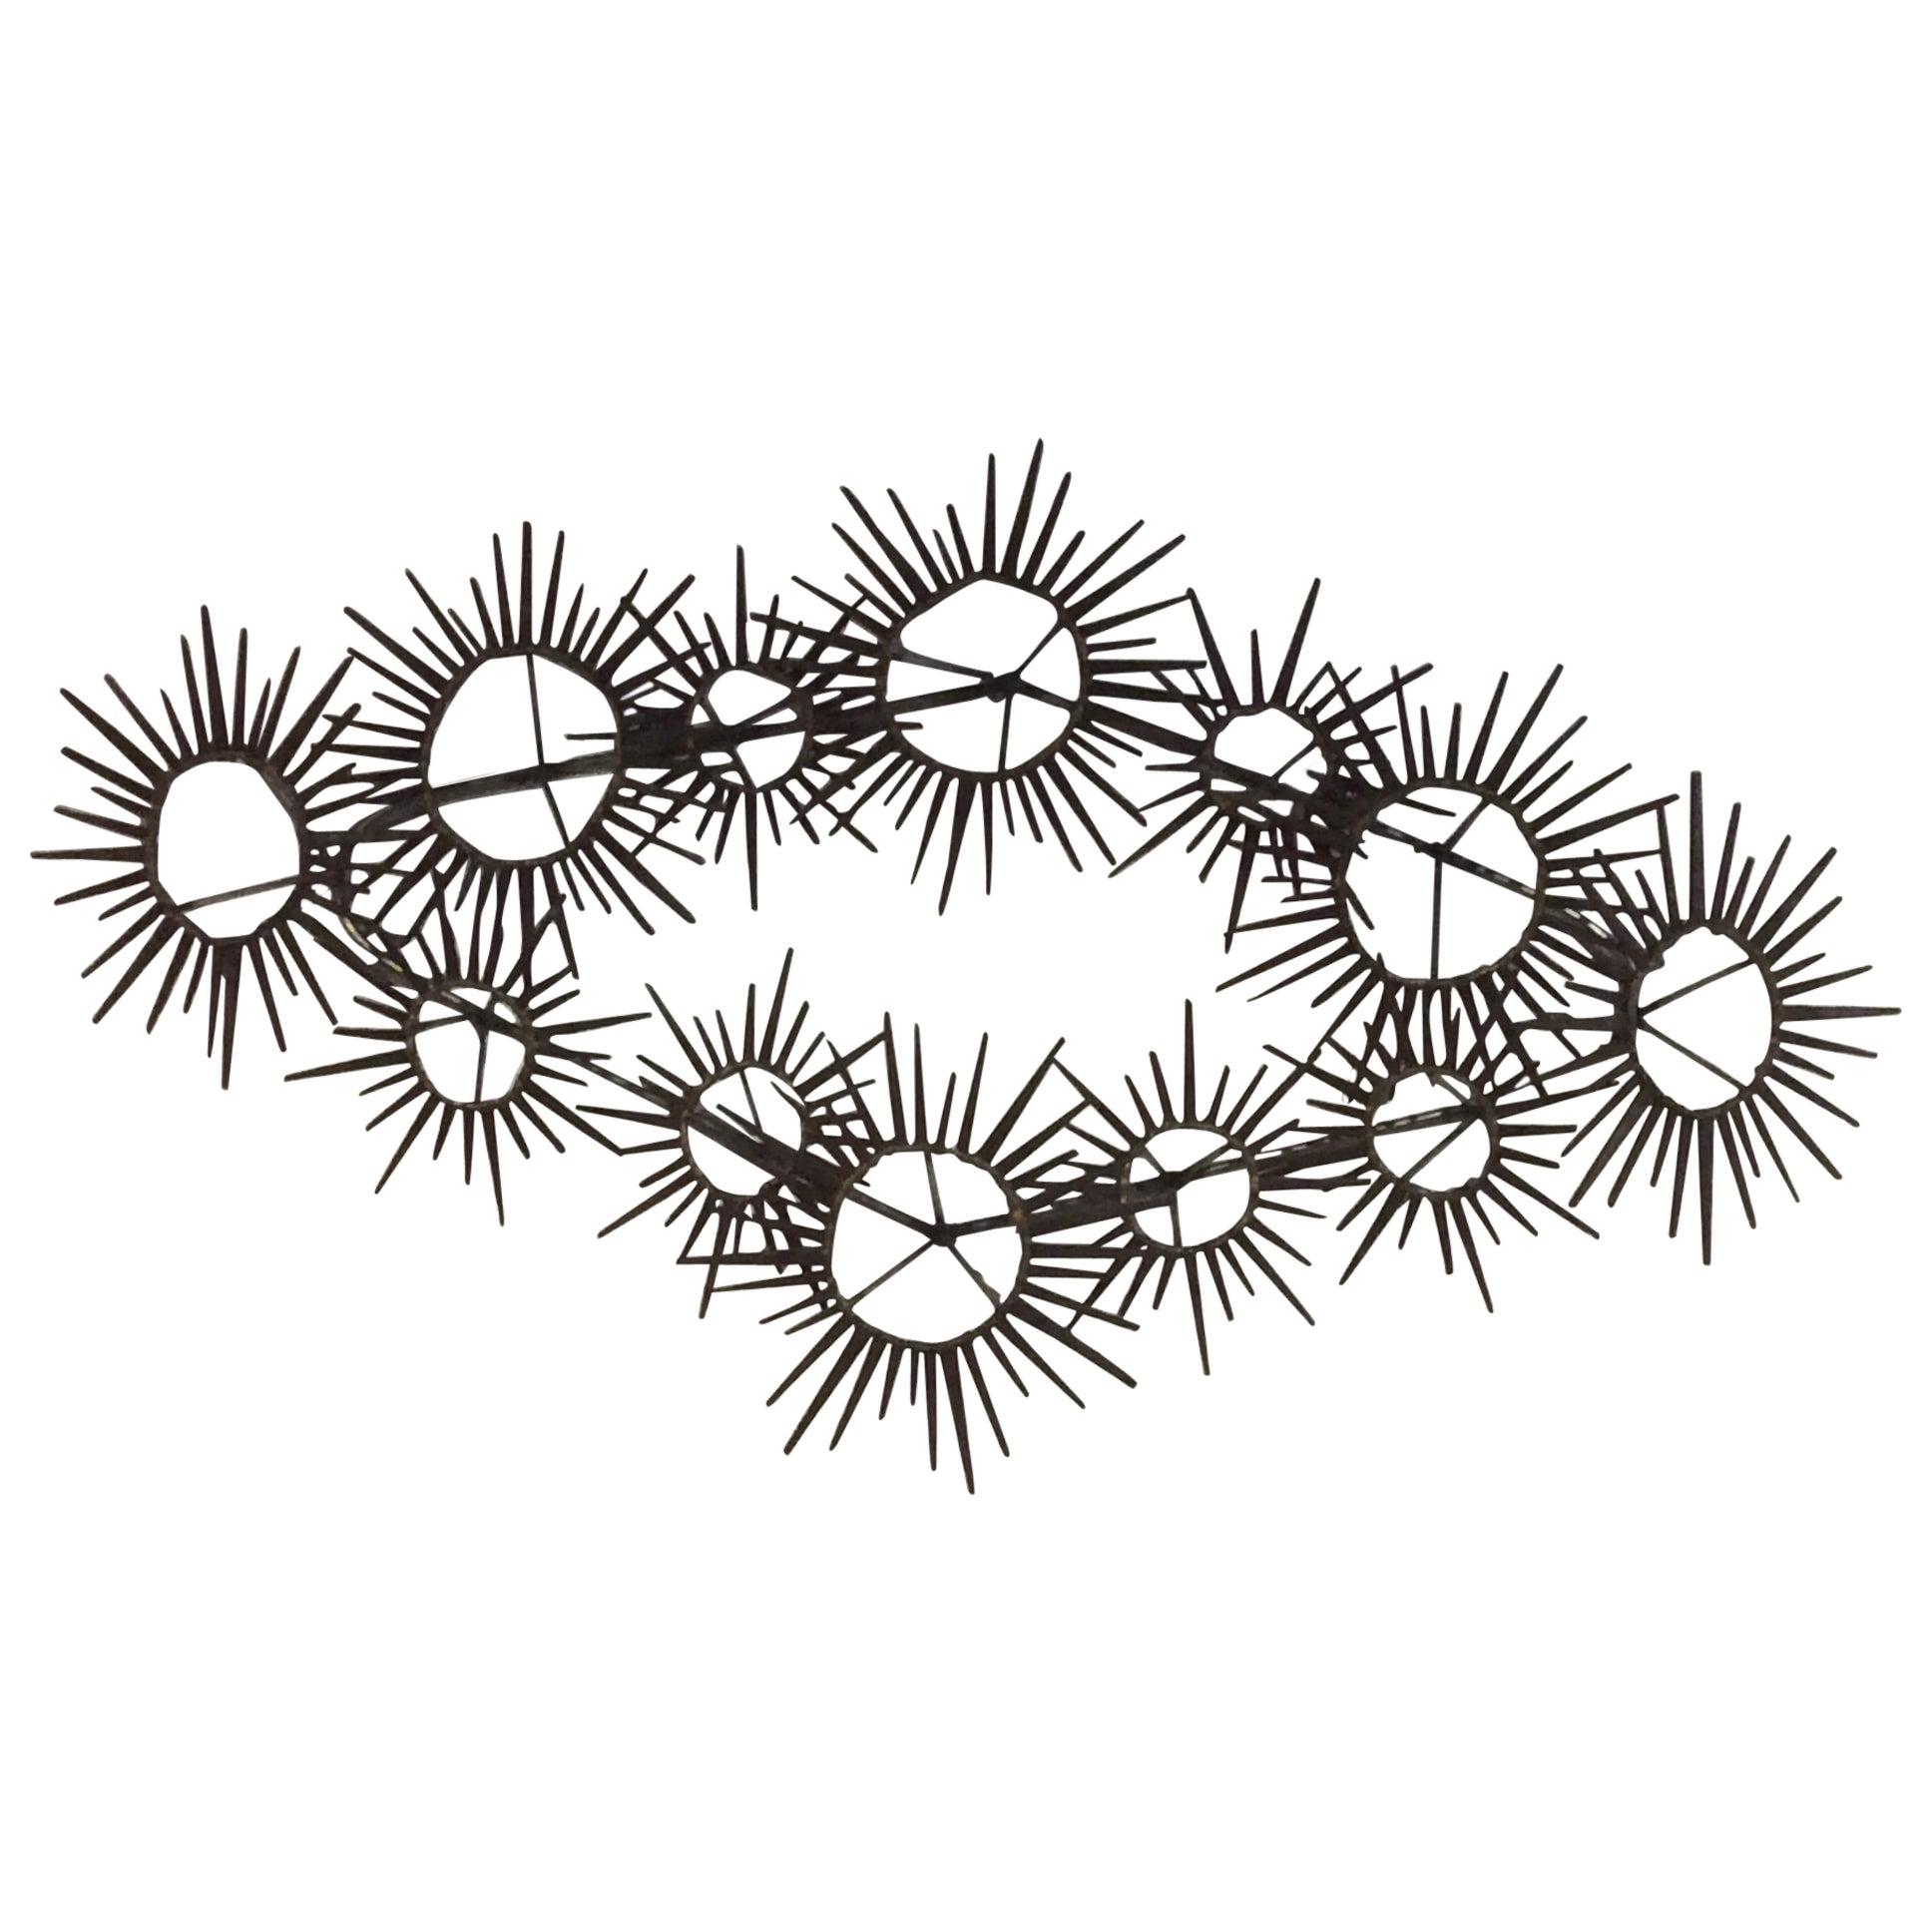 Brutalist Nail Wall Art Mid-Century Modern Vintage Sunburst Starburst Metal